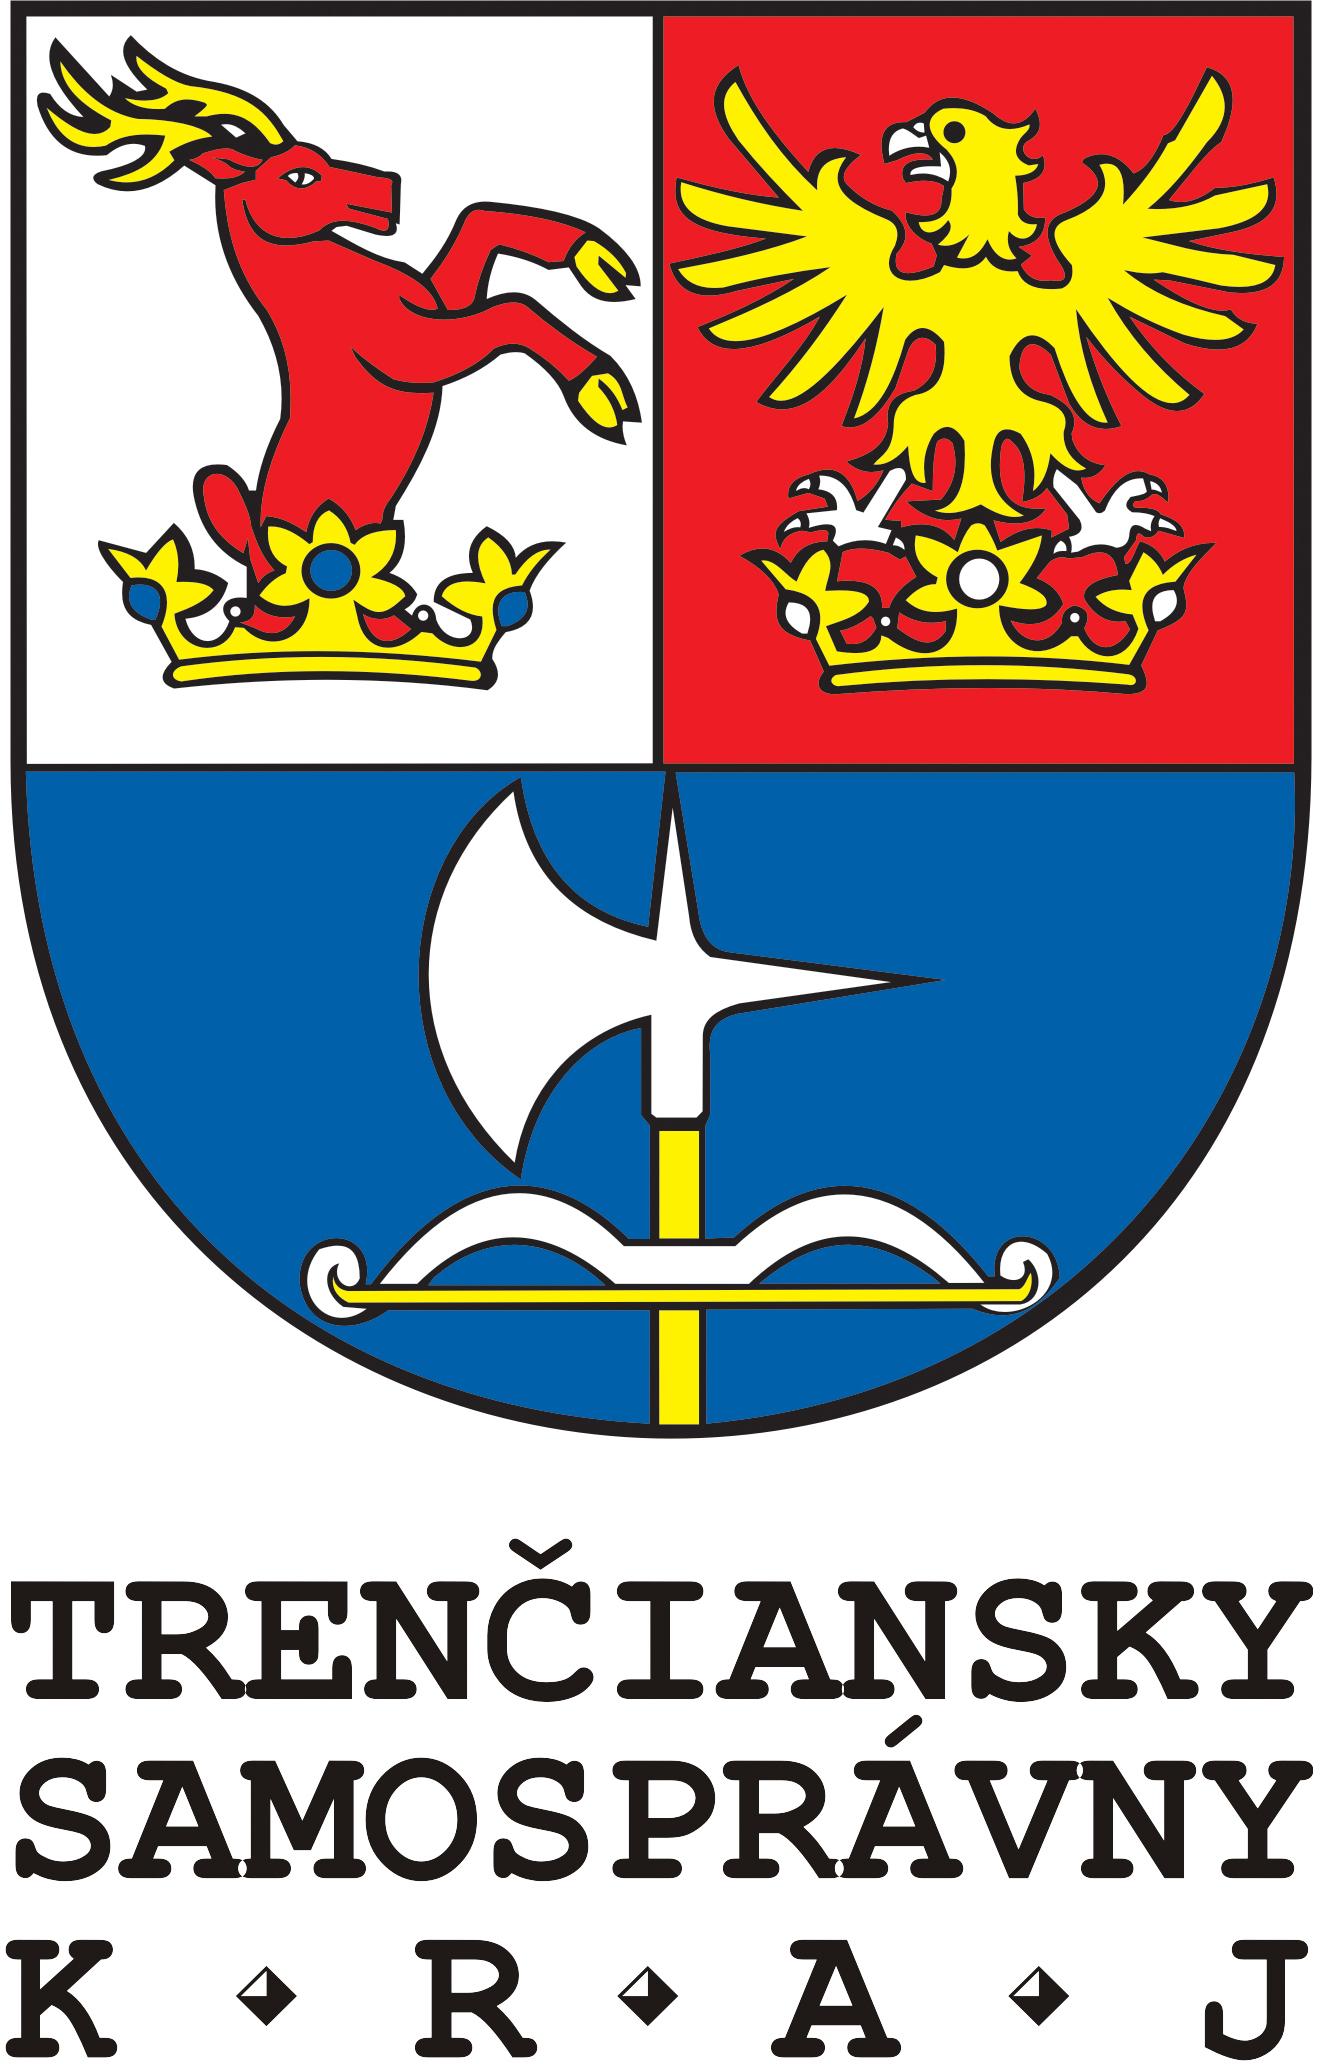 Trenčiansky samosprávny kraj logo